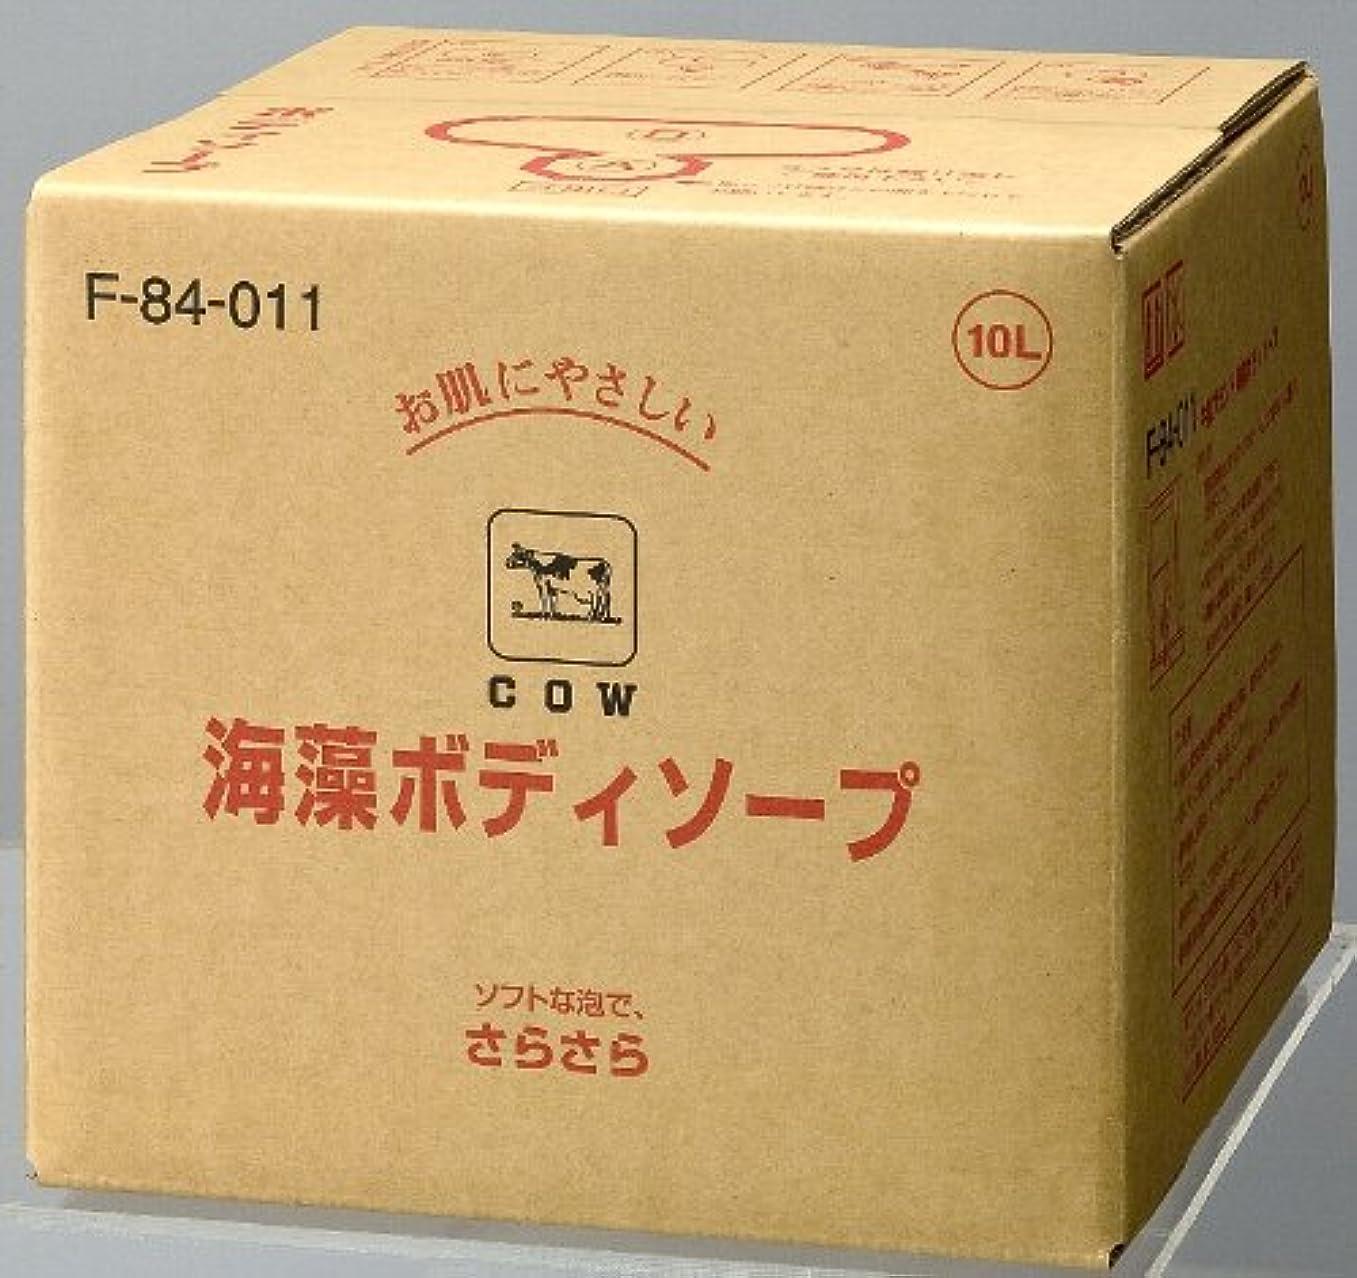 シャープ誰か本物【業務用】カウブランド海藻ボディソープ 10L